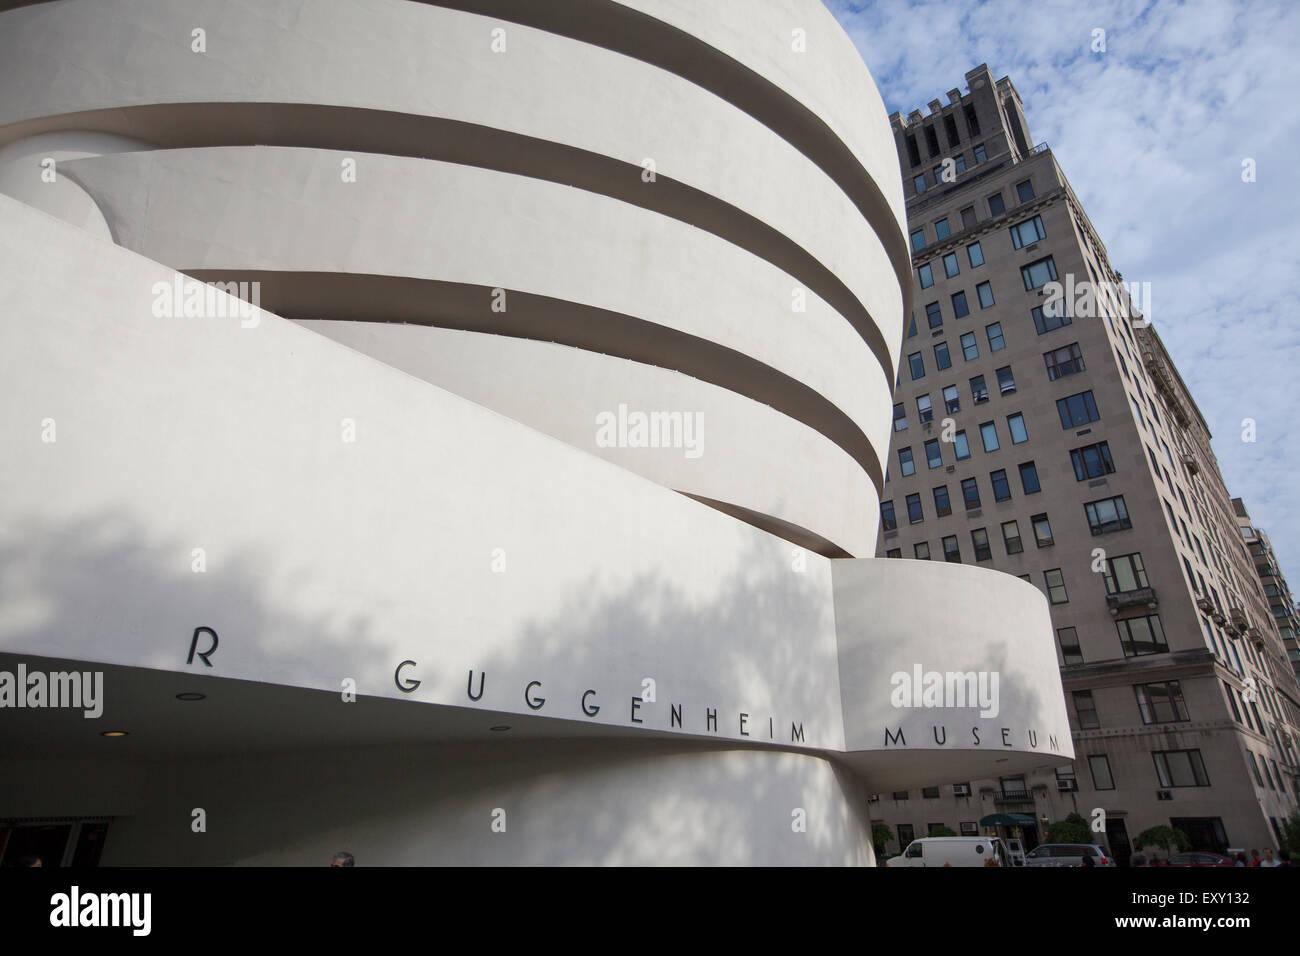 Nueva York - Mayo 27, 2015: el Solomon R. Guggenheim Museum, a menudo referido como el Guggenheim, es un museo de arte situado en 1071. Foto de stock